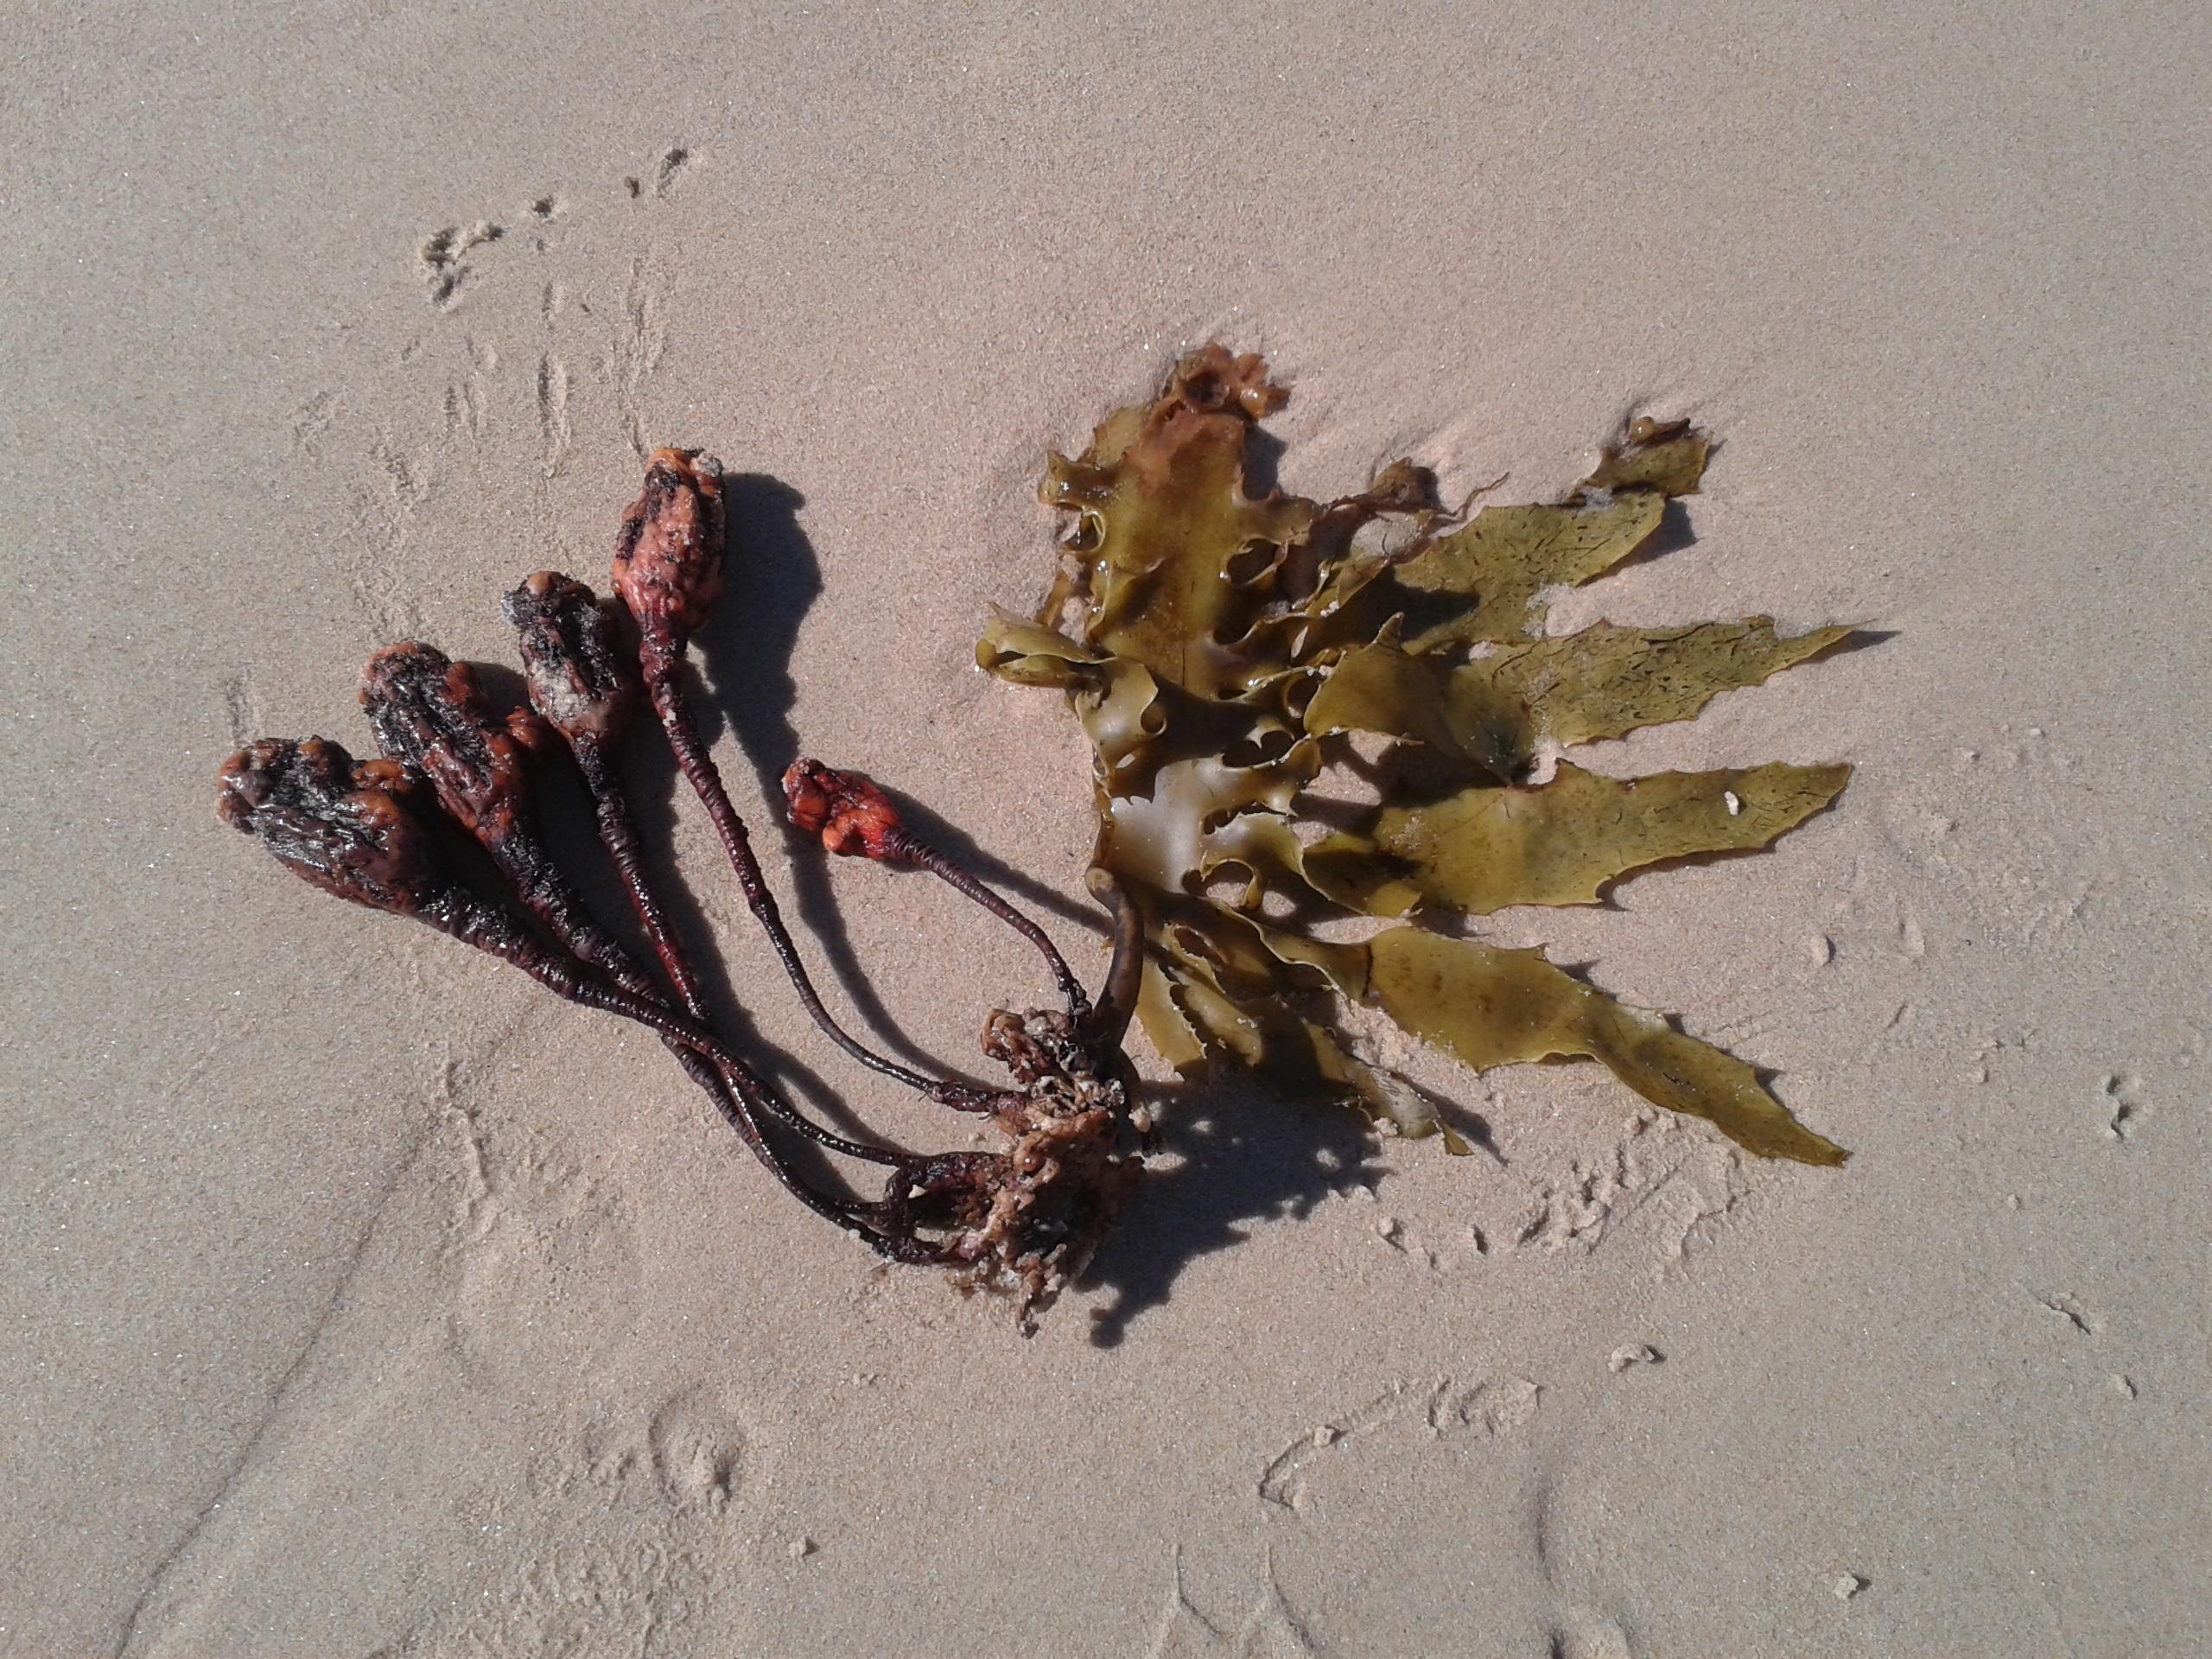 Gambar Pasir Daun Benih Bunga Warna Rumput Laut